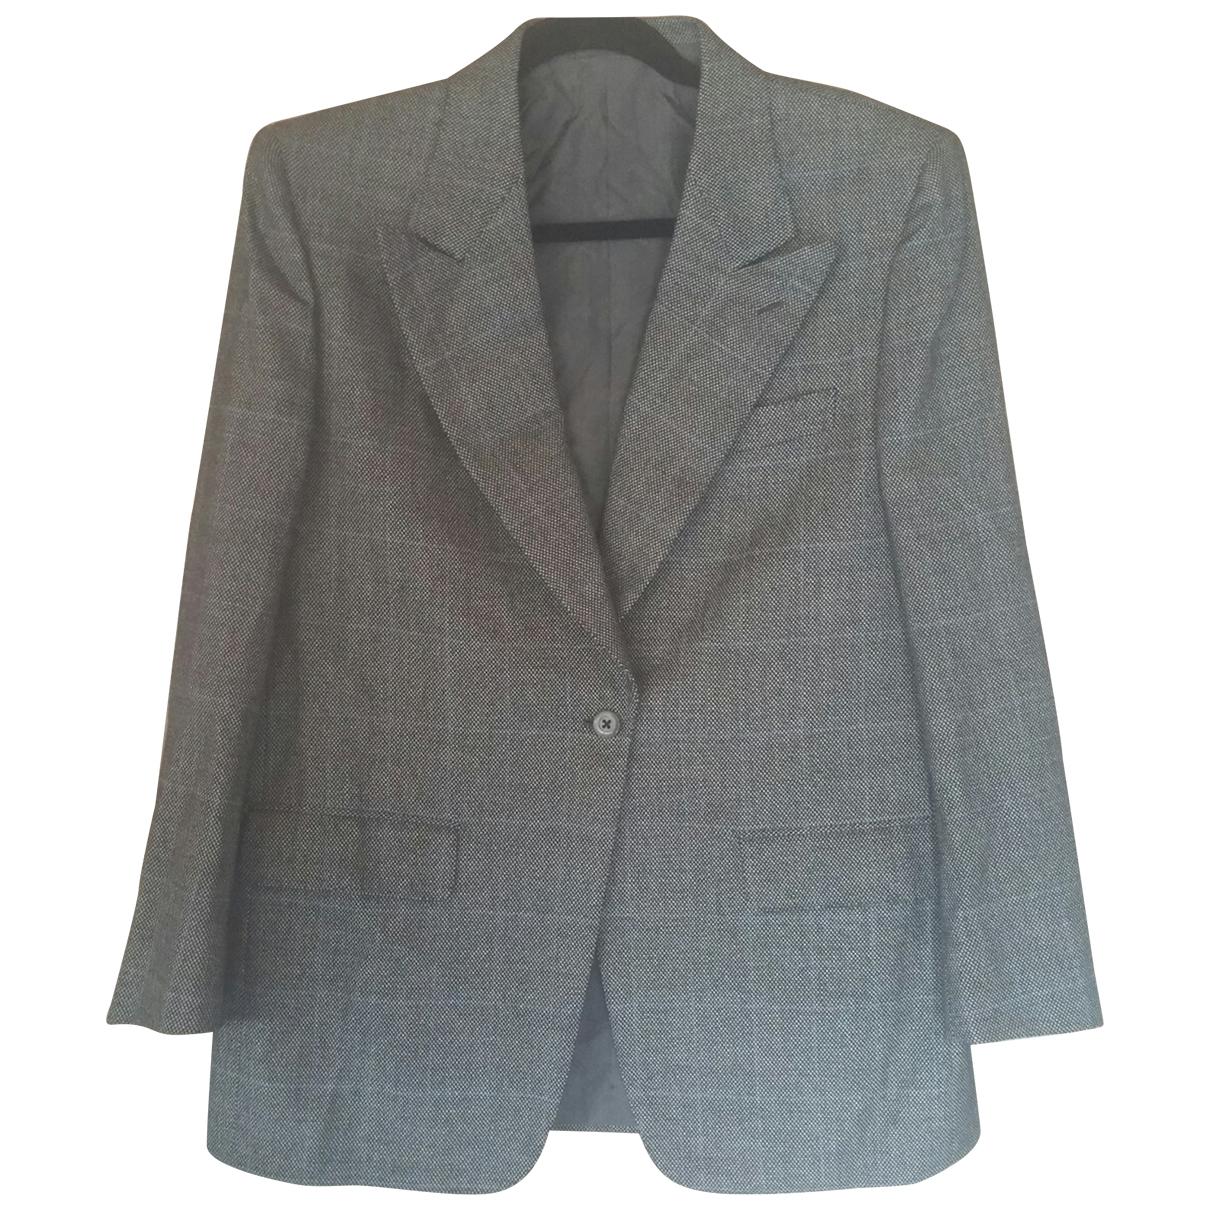 Brioni - Vestes.Blousons   pour homme en laine - beige